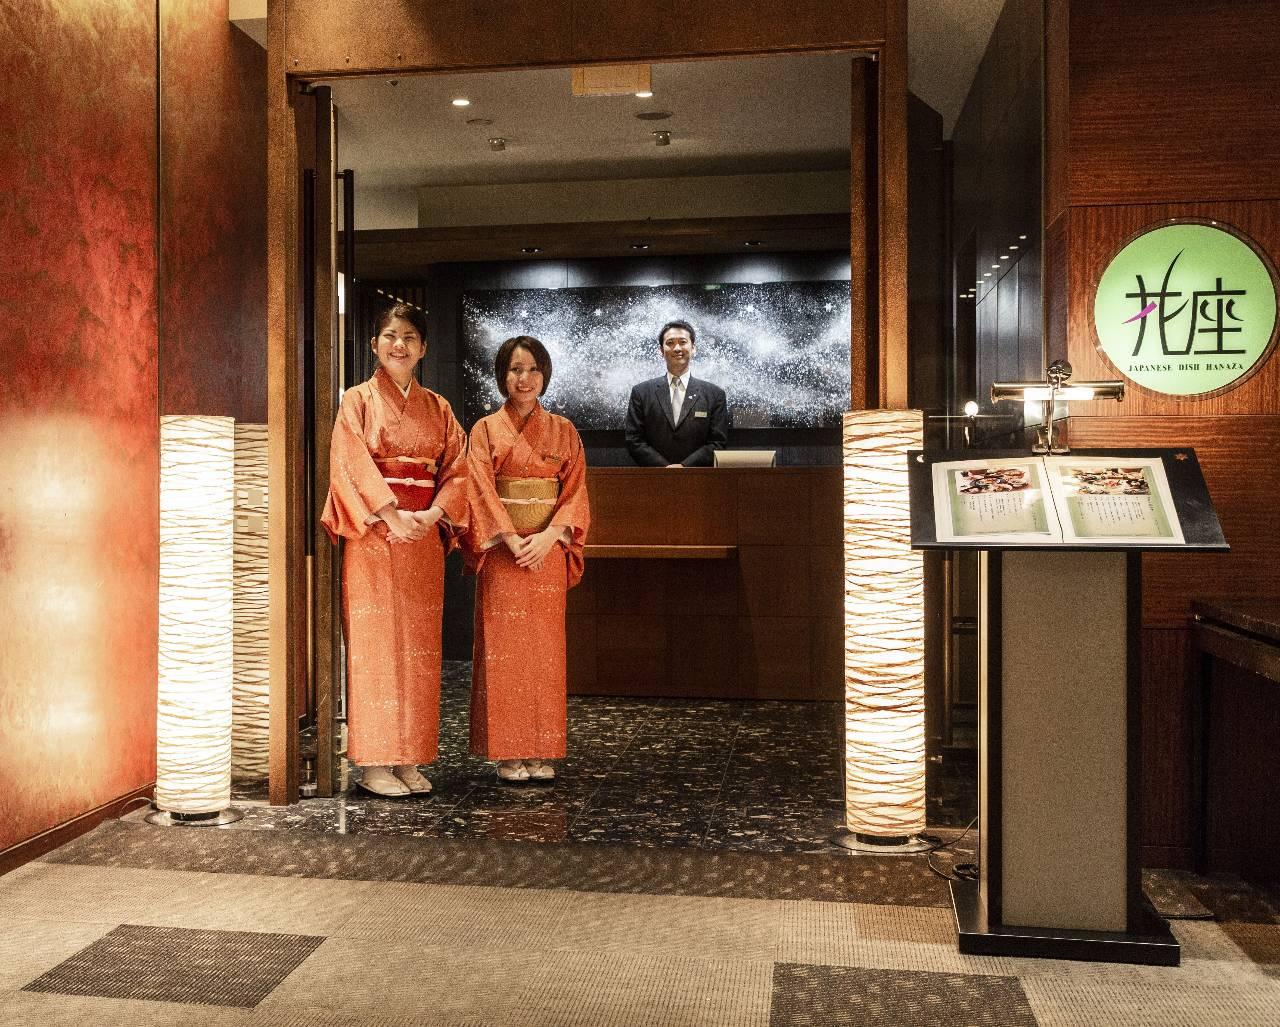 ホテルならではの「上質感と安心感」